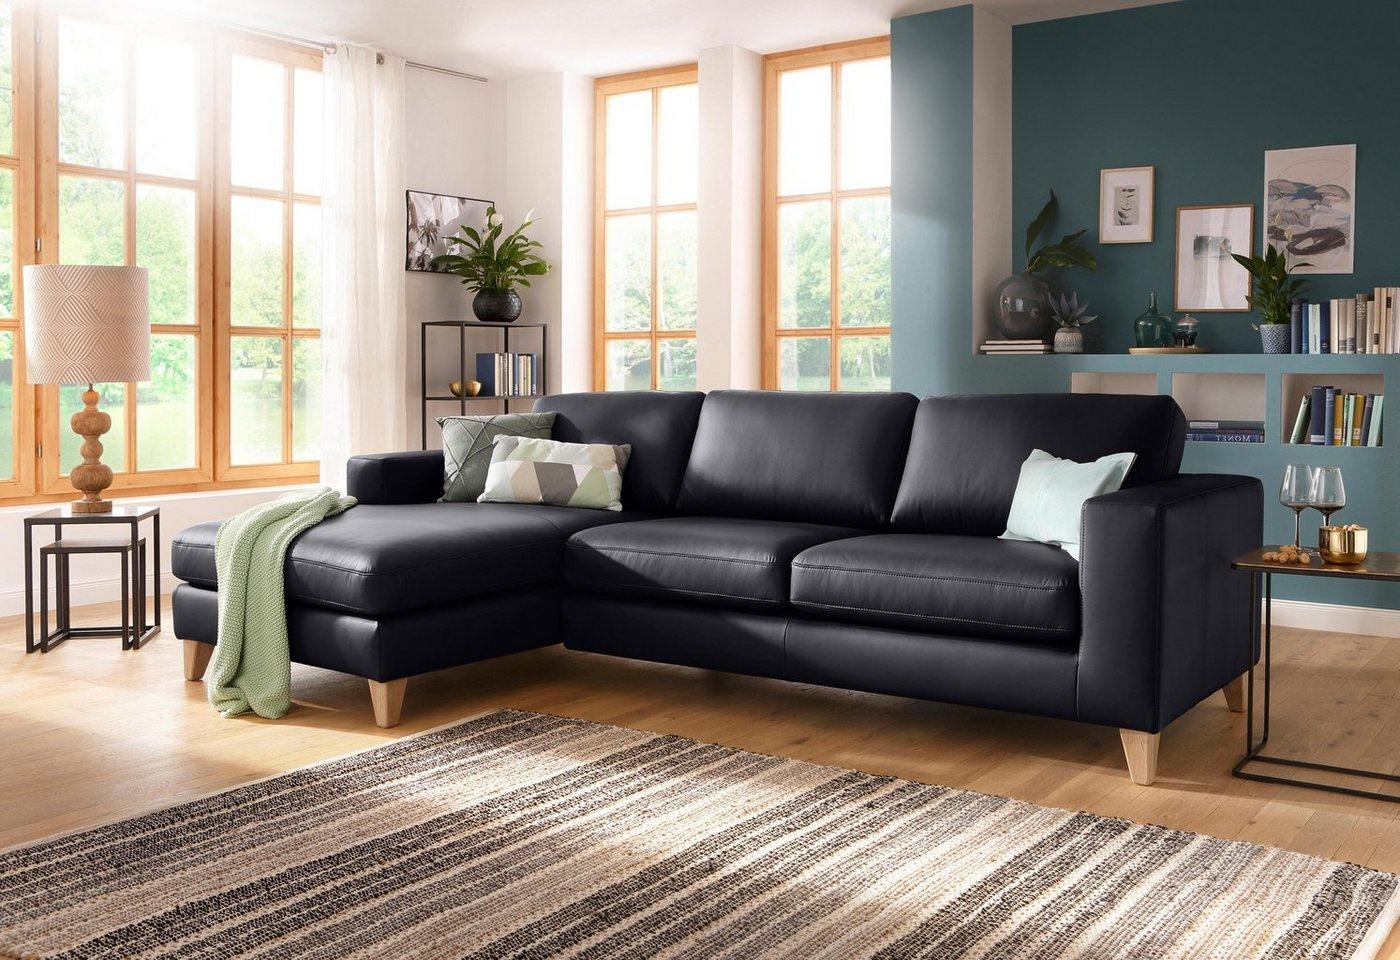 Sofas - Home affaire Ecksofa »Wolin« mit Massivholzfüßen im schönen Landhaus Design  - Onlineshop OTTO